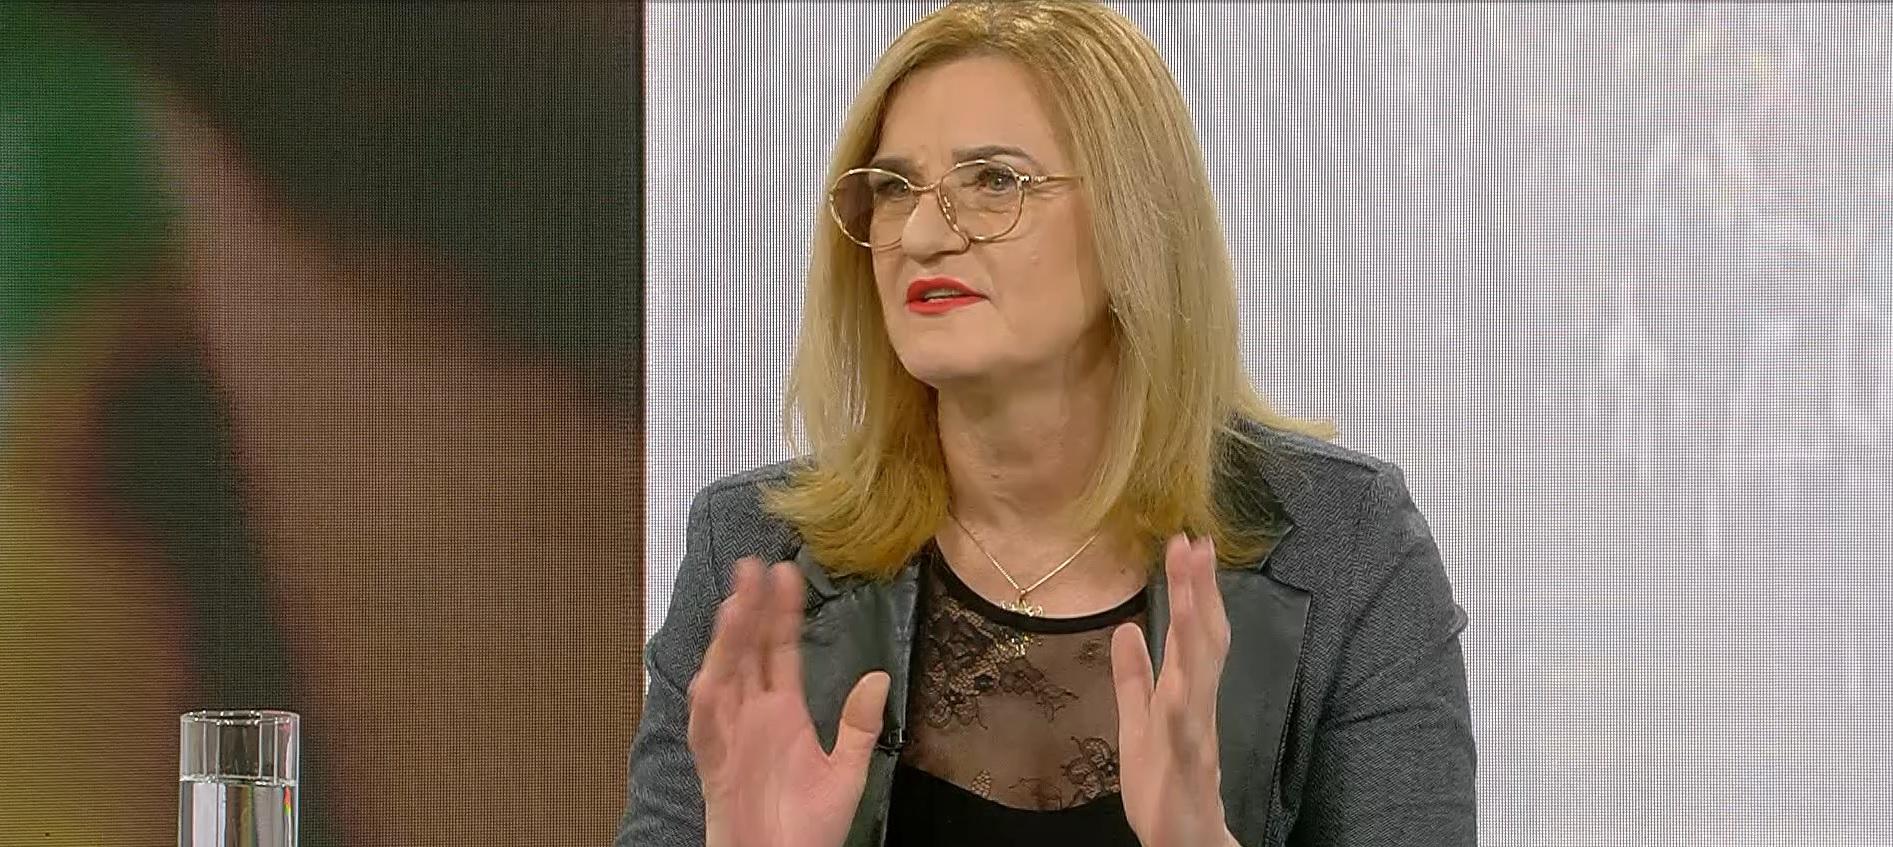 Elisabeta Lipă a fost invitat la AS.ro LIVE și a povestit cum putea participa la a 7-a Olimpiadă